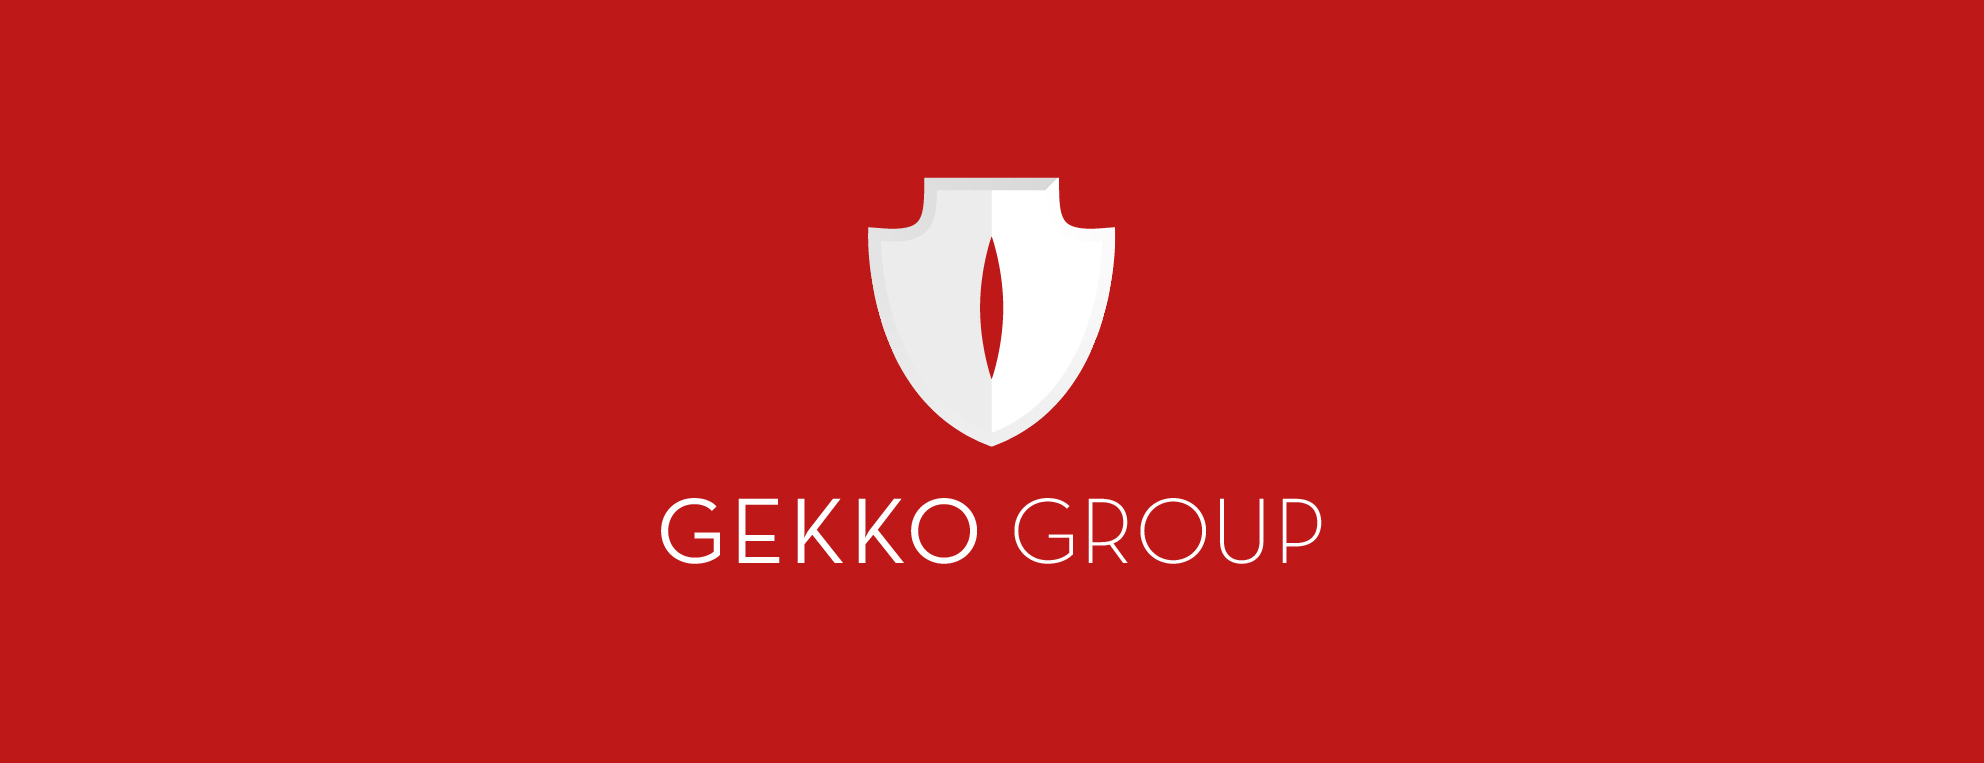 GEKKO-G-LOGO-05